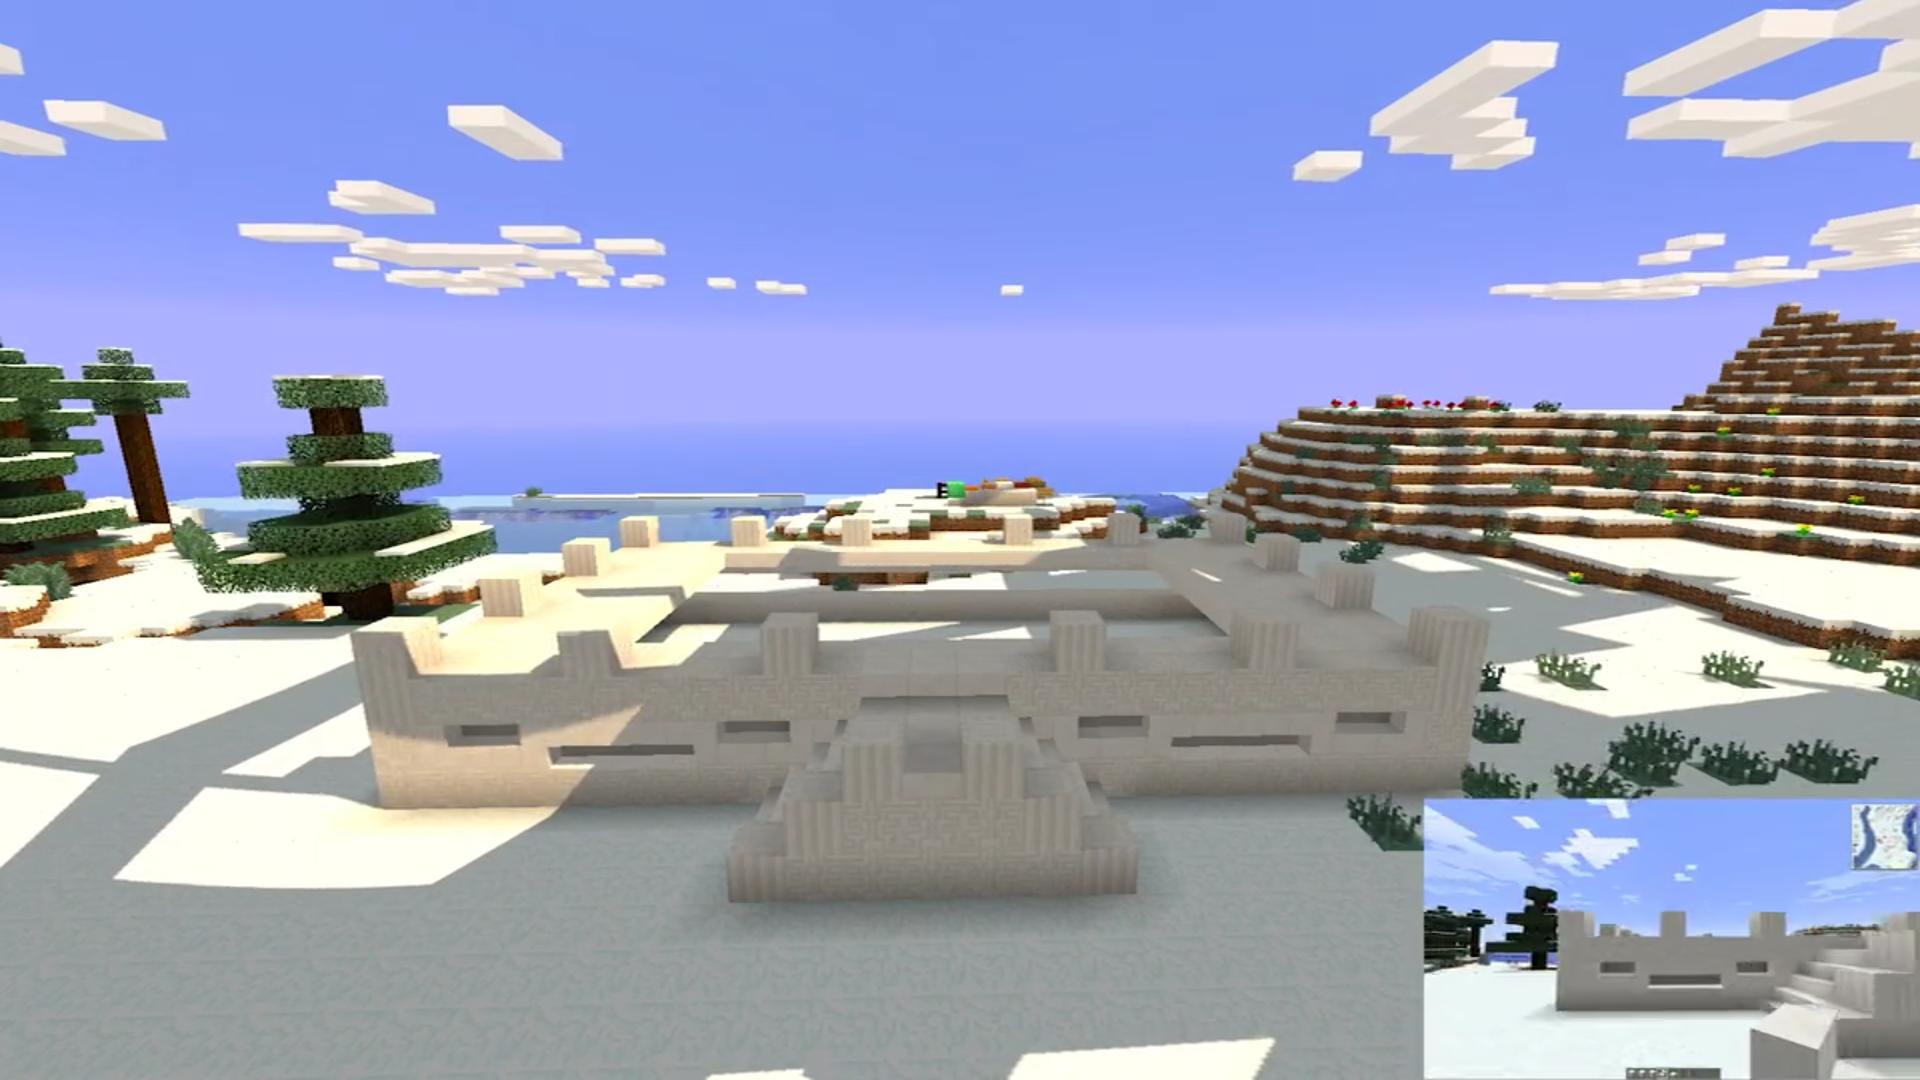 斗拱就是中式建筑房檐下交错突出的木质结构,在游戏中,我们可以用下图片